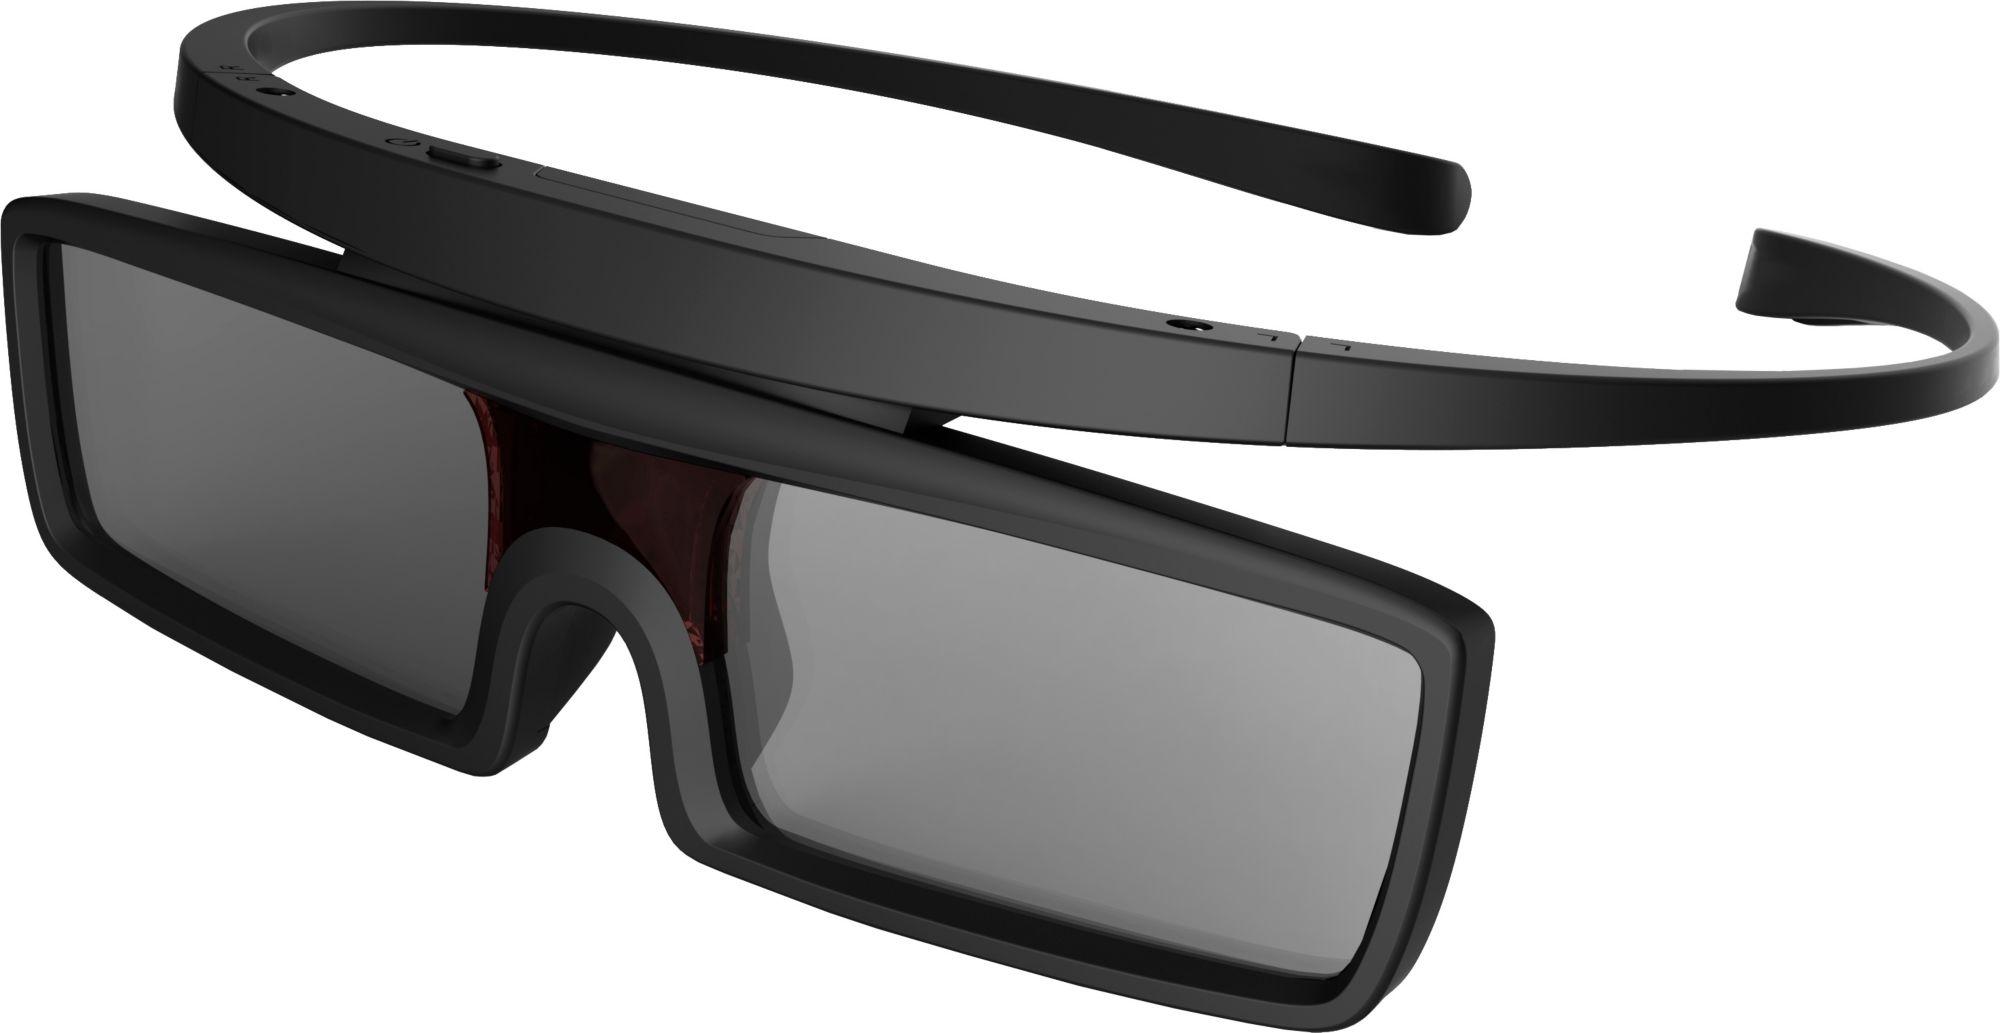 HISENSE Hisense FPS3D06 3D-Active-Shutter-Brille